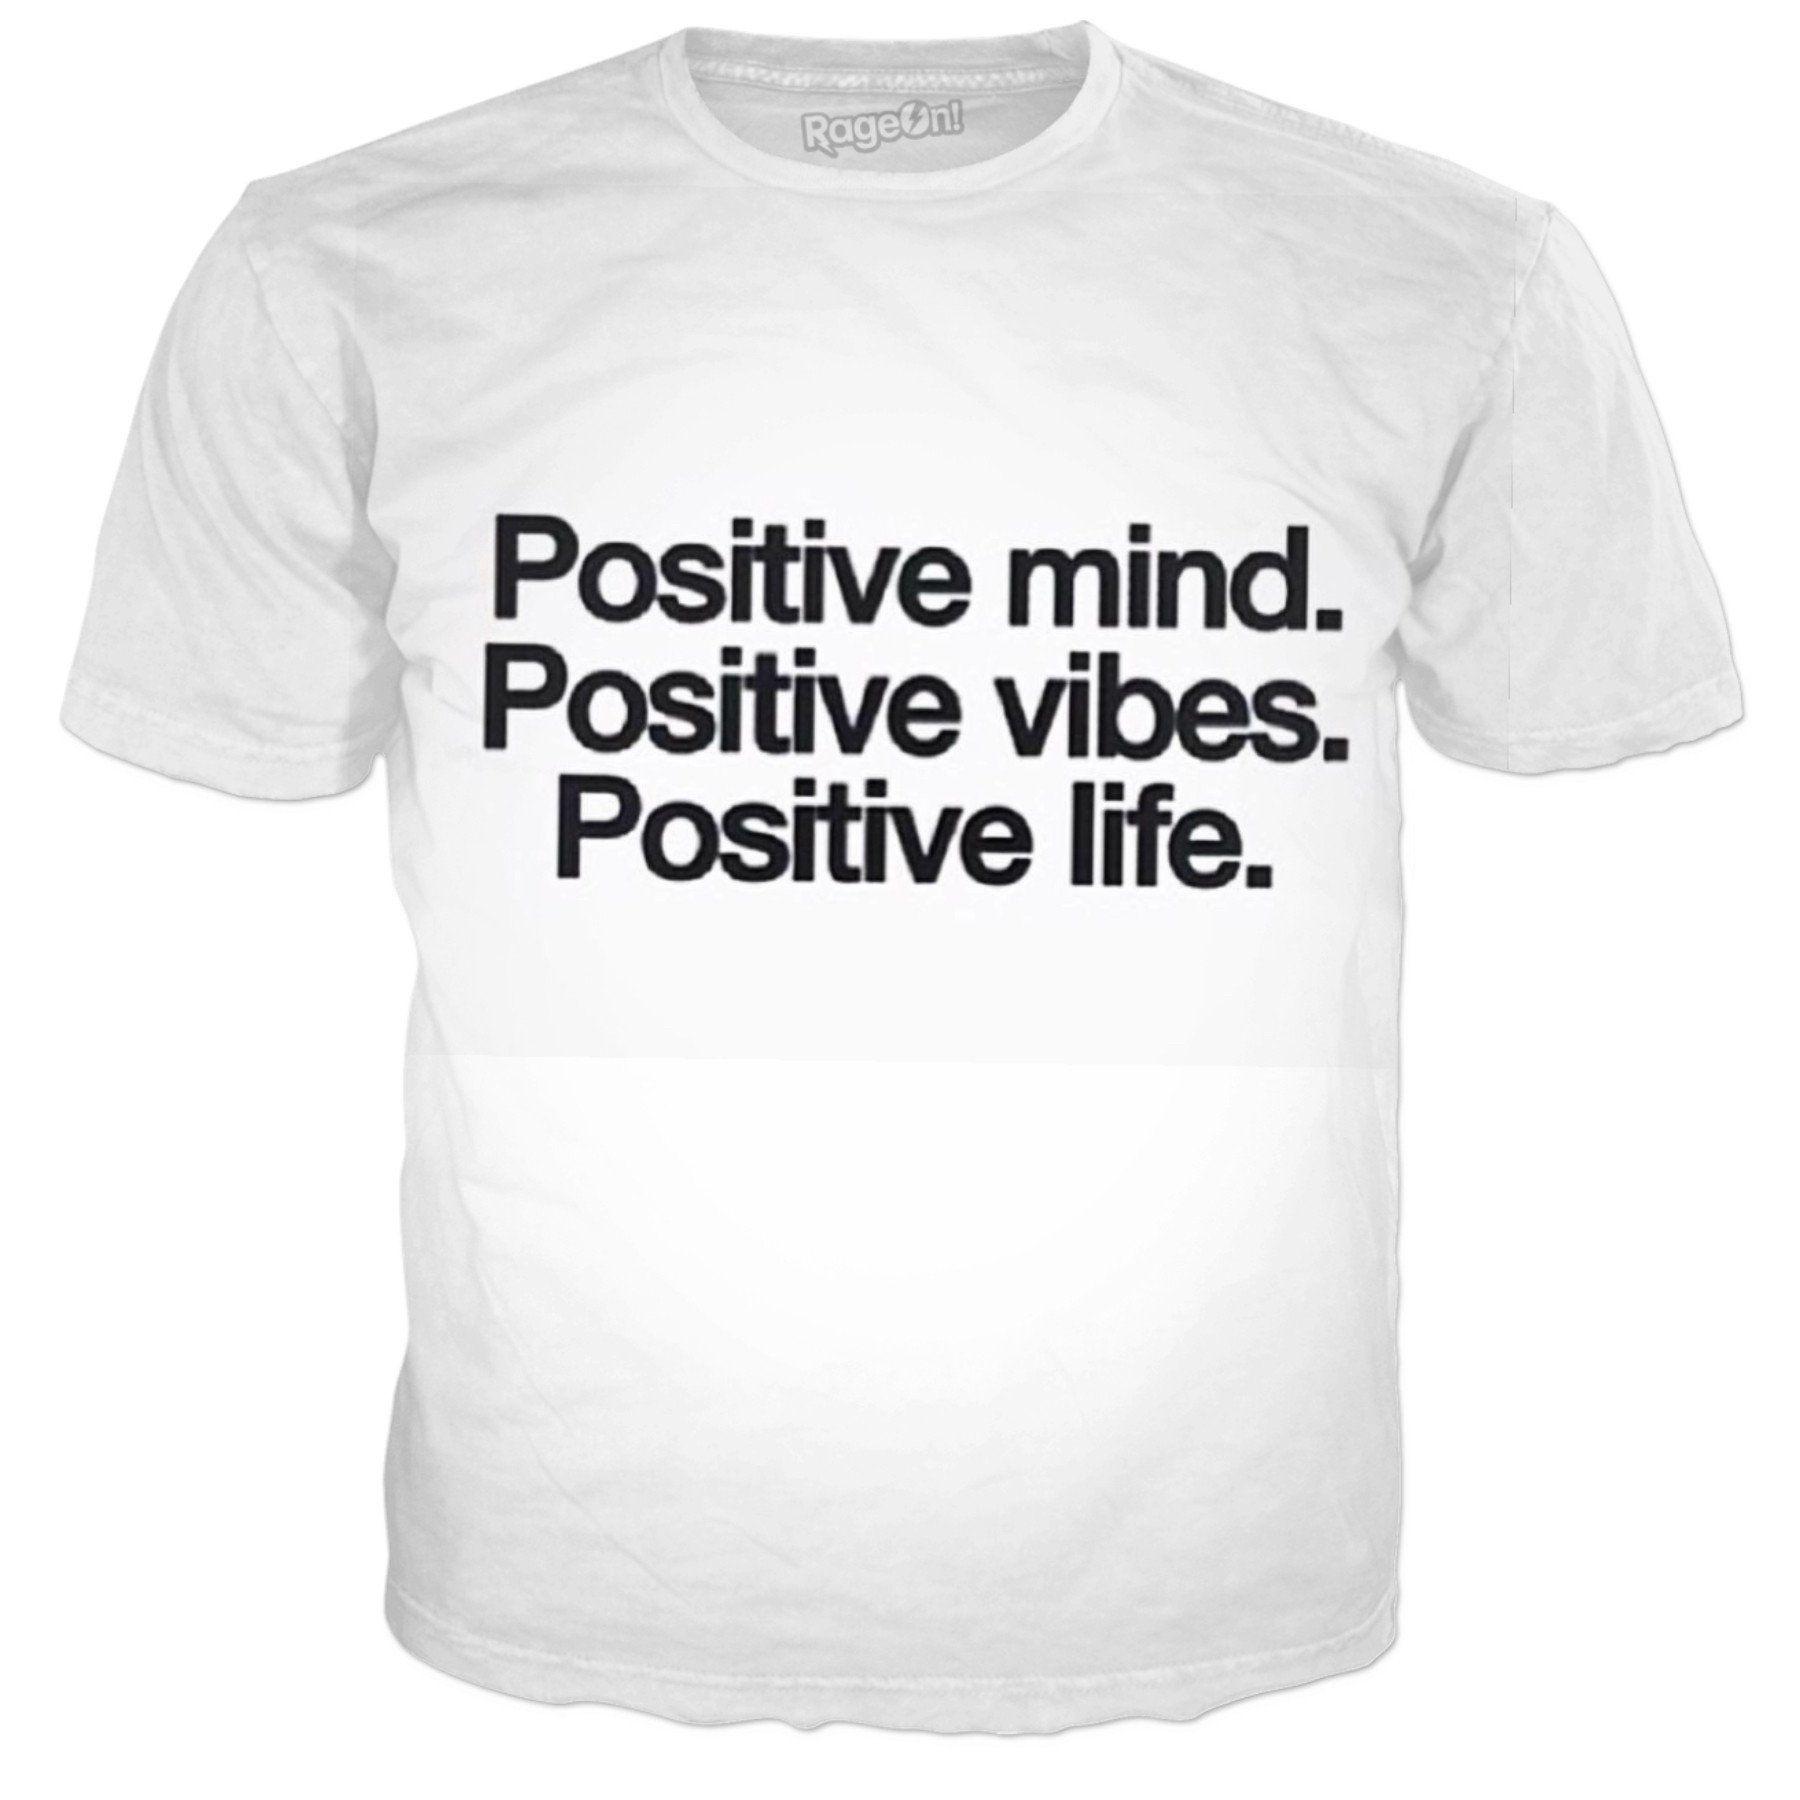 #PositiveMy #PositiveVibes #PositivePerson🏠💕#️⃣PositiveLife #PositiveEverything